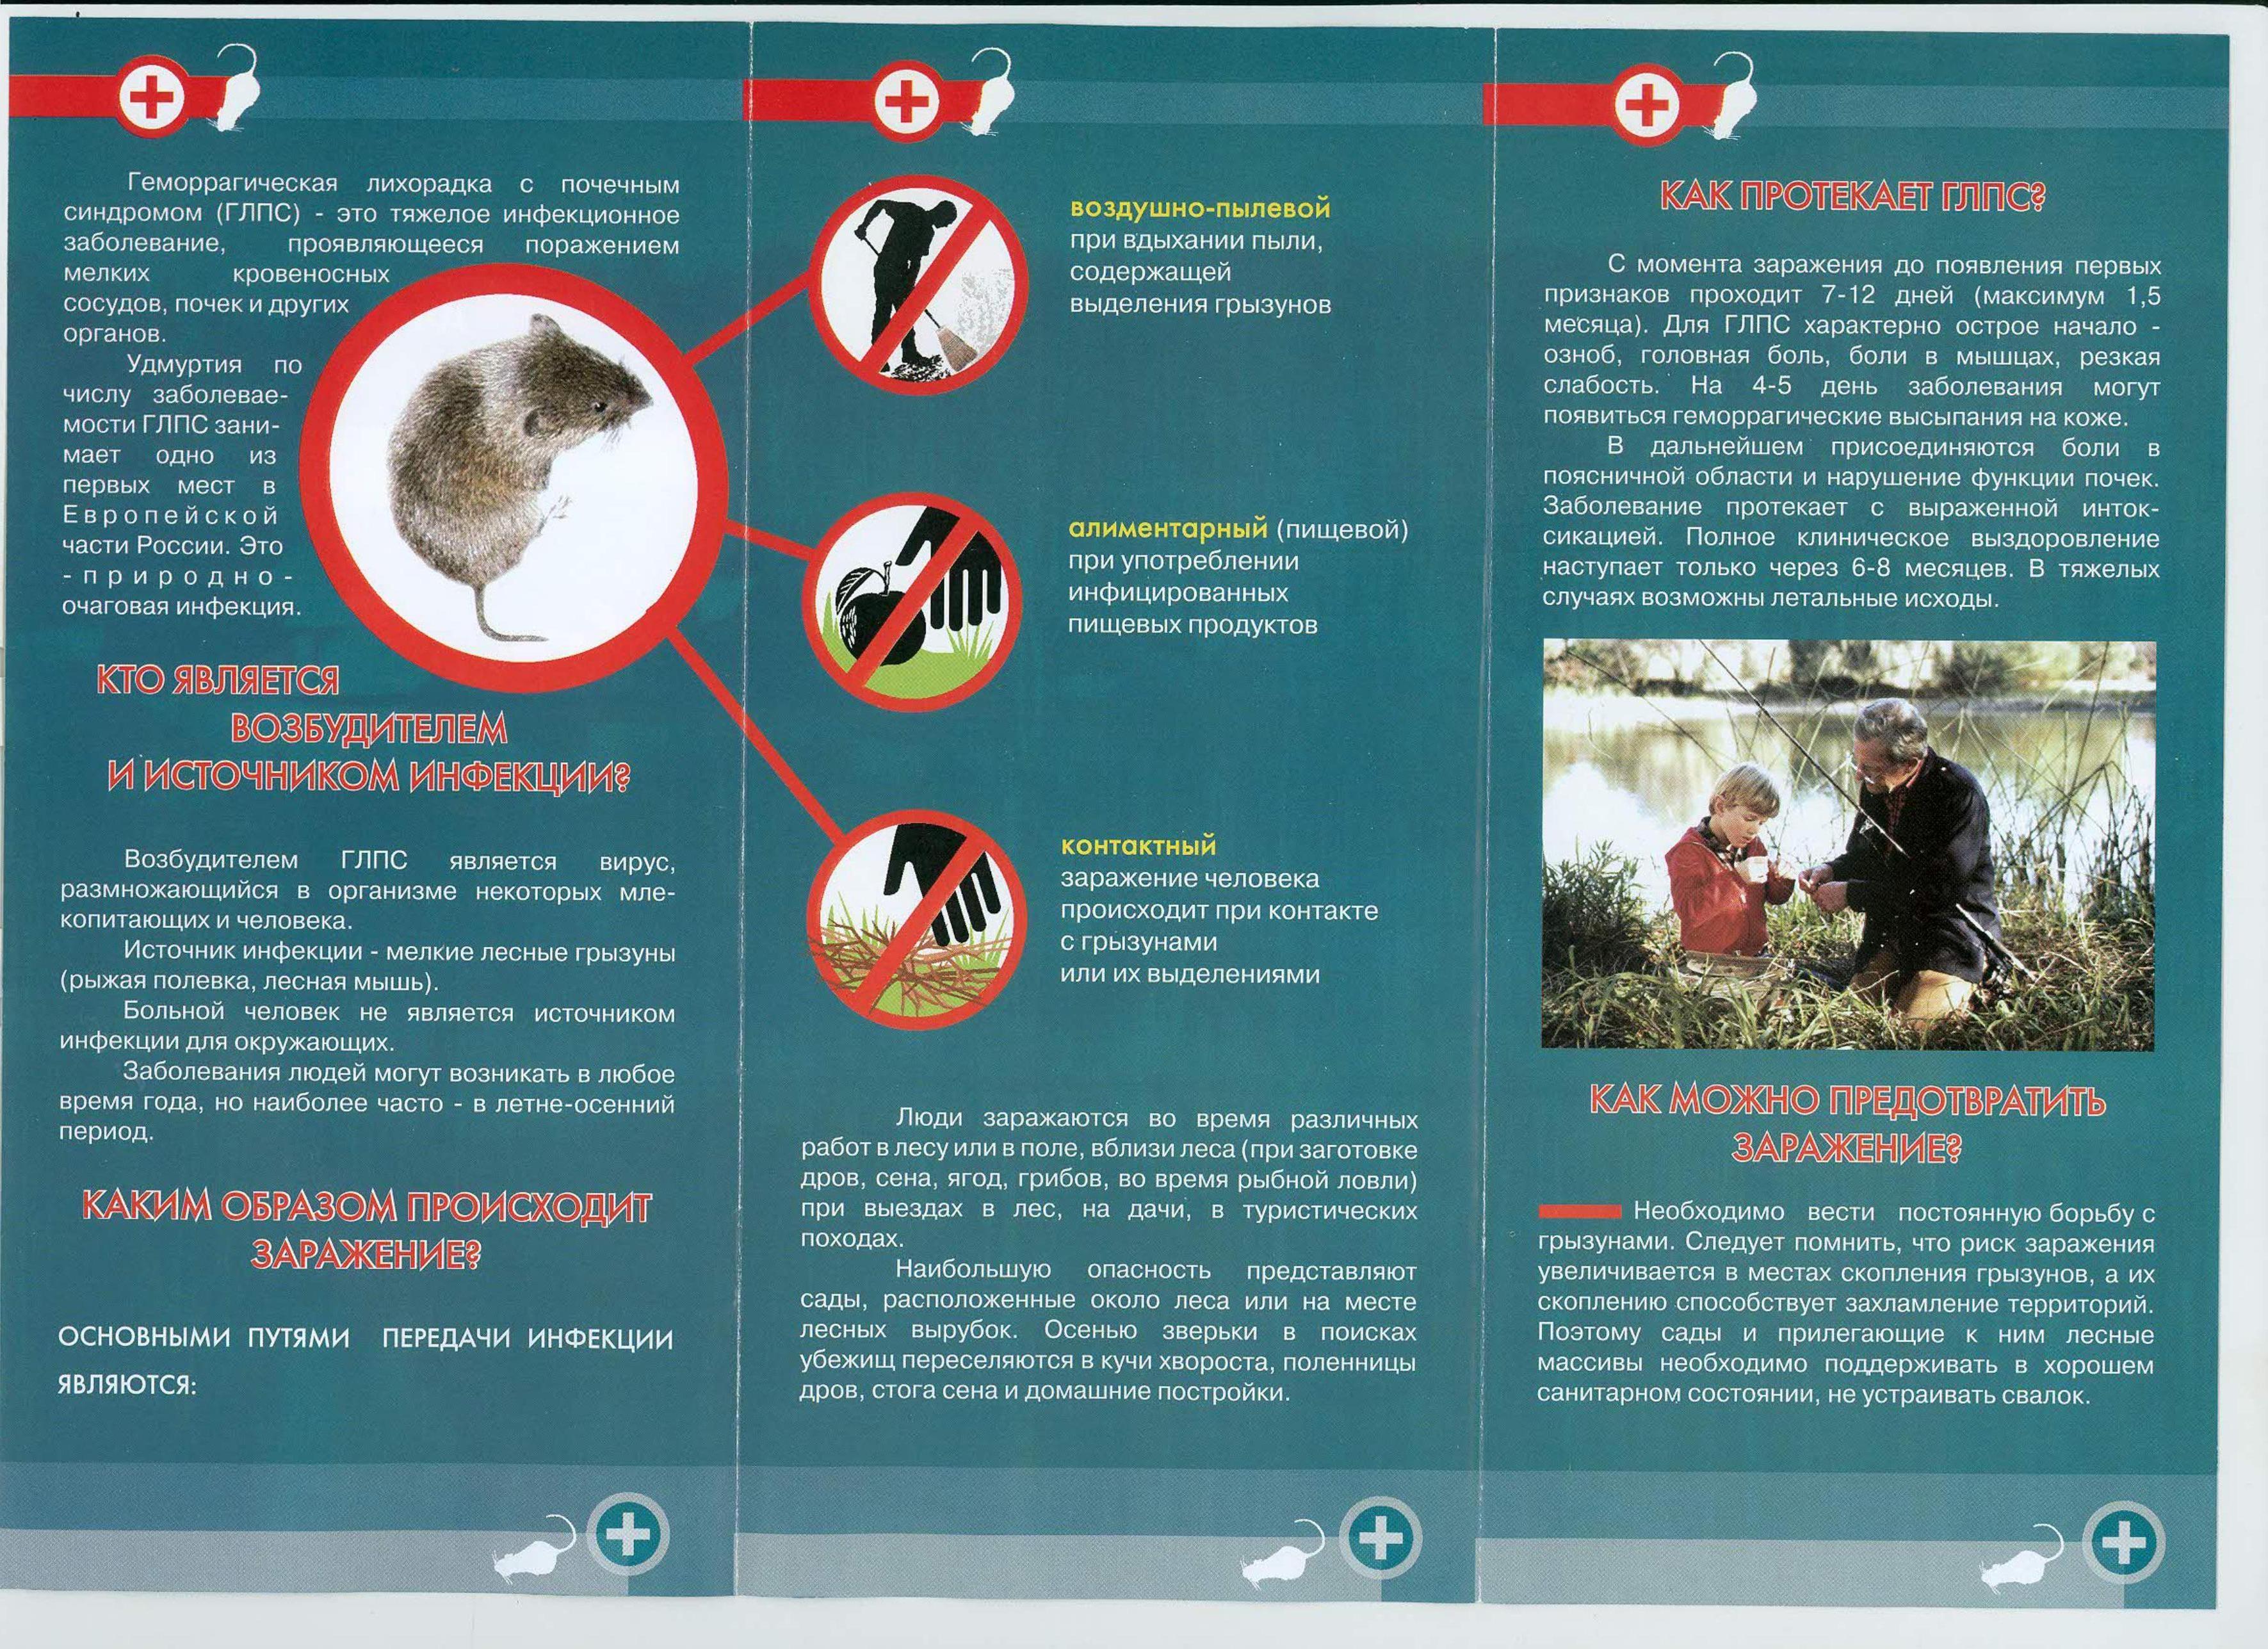 Может ли быть мышиная лихорадка без температуры. мышиная лихорадка: признаки, лечение и методы профилактика